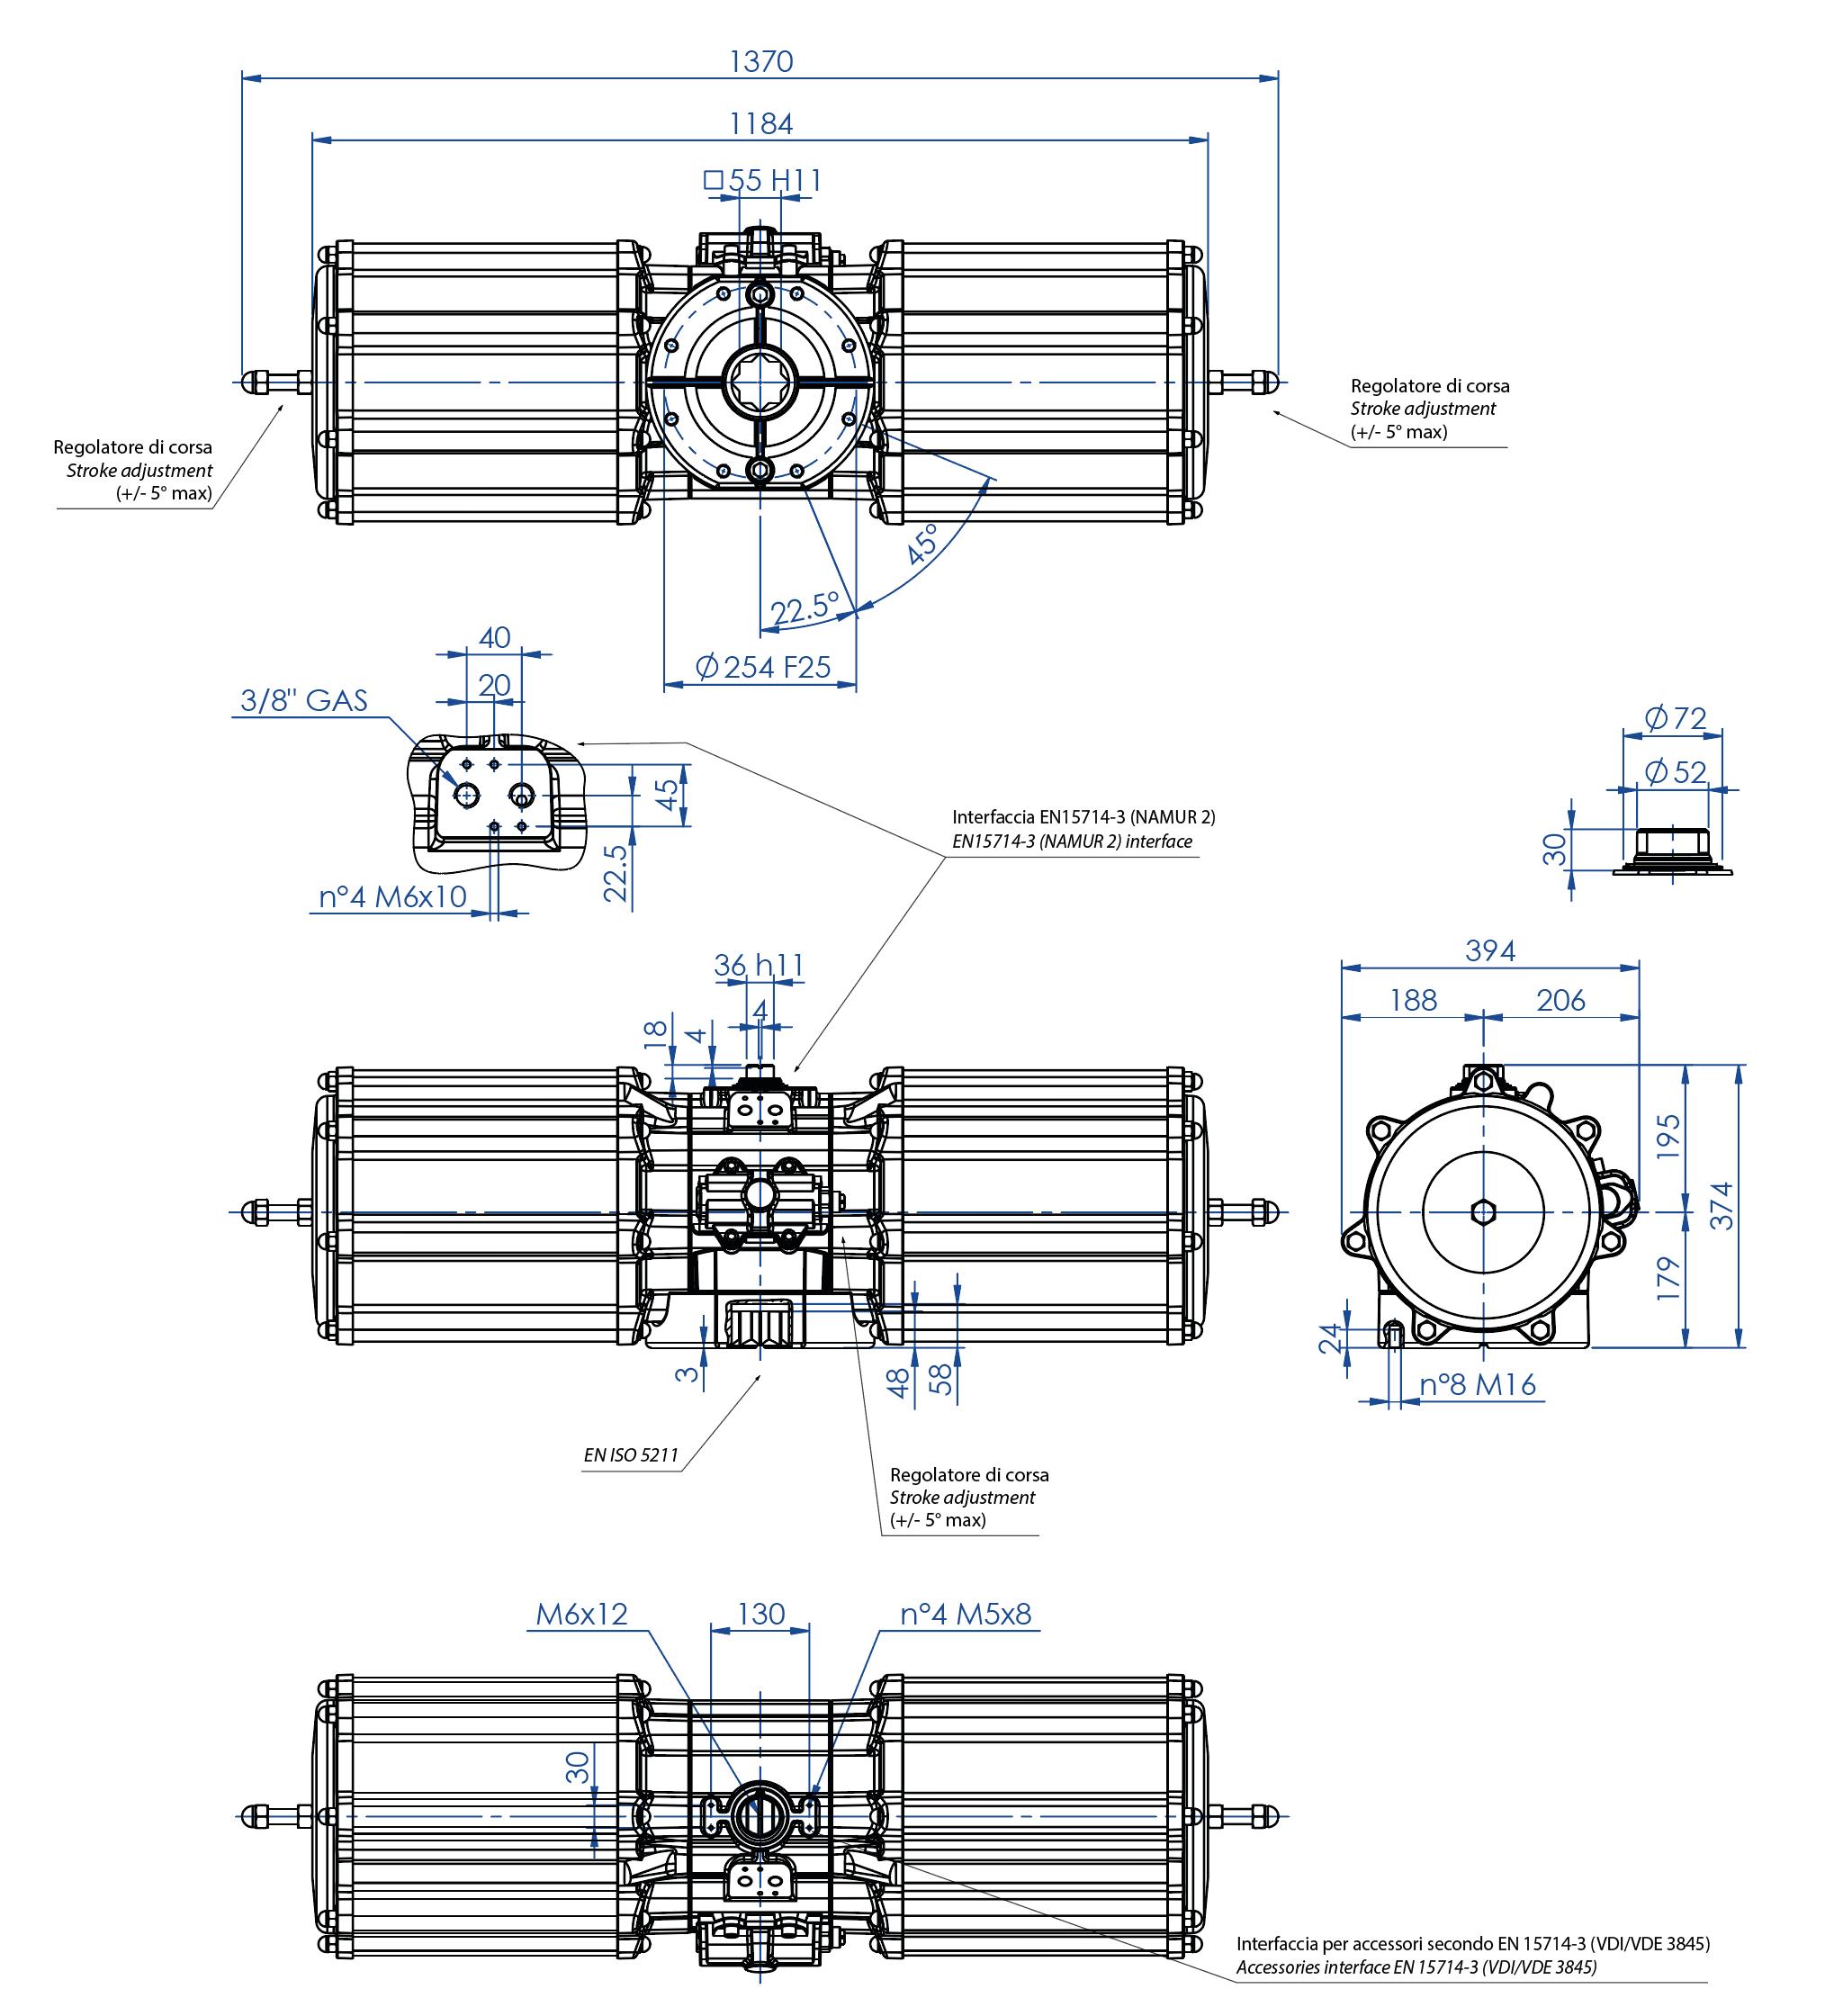 Aluminium GS (spring return) pneumatic actuator - dimensions - Spring return pneumatic actuator size GS4000 (Nm)